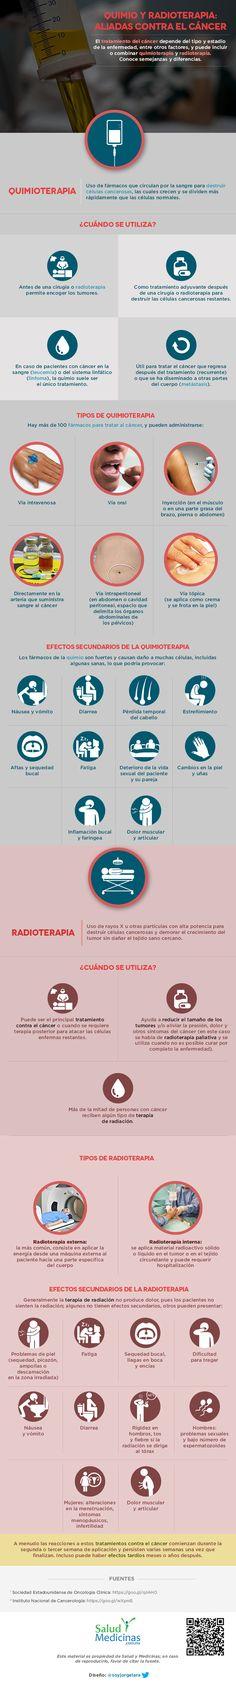 Quimioterapia y radioterapia: aliadas contra el cáncer - SyM